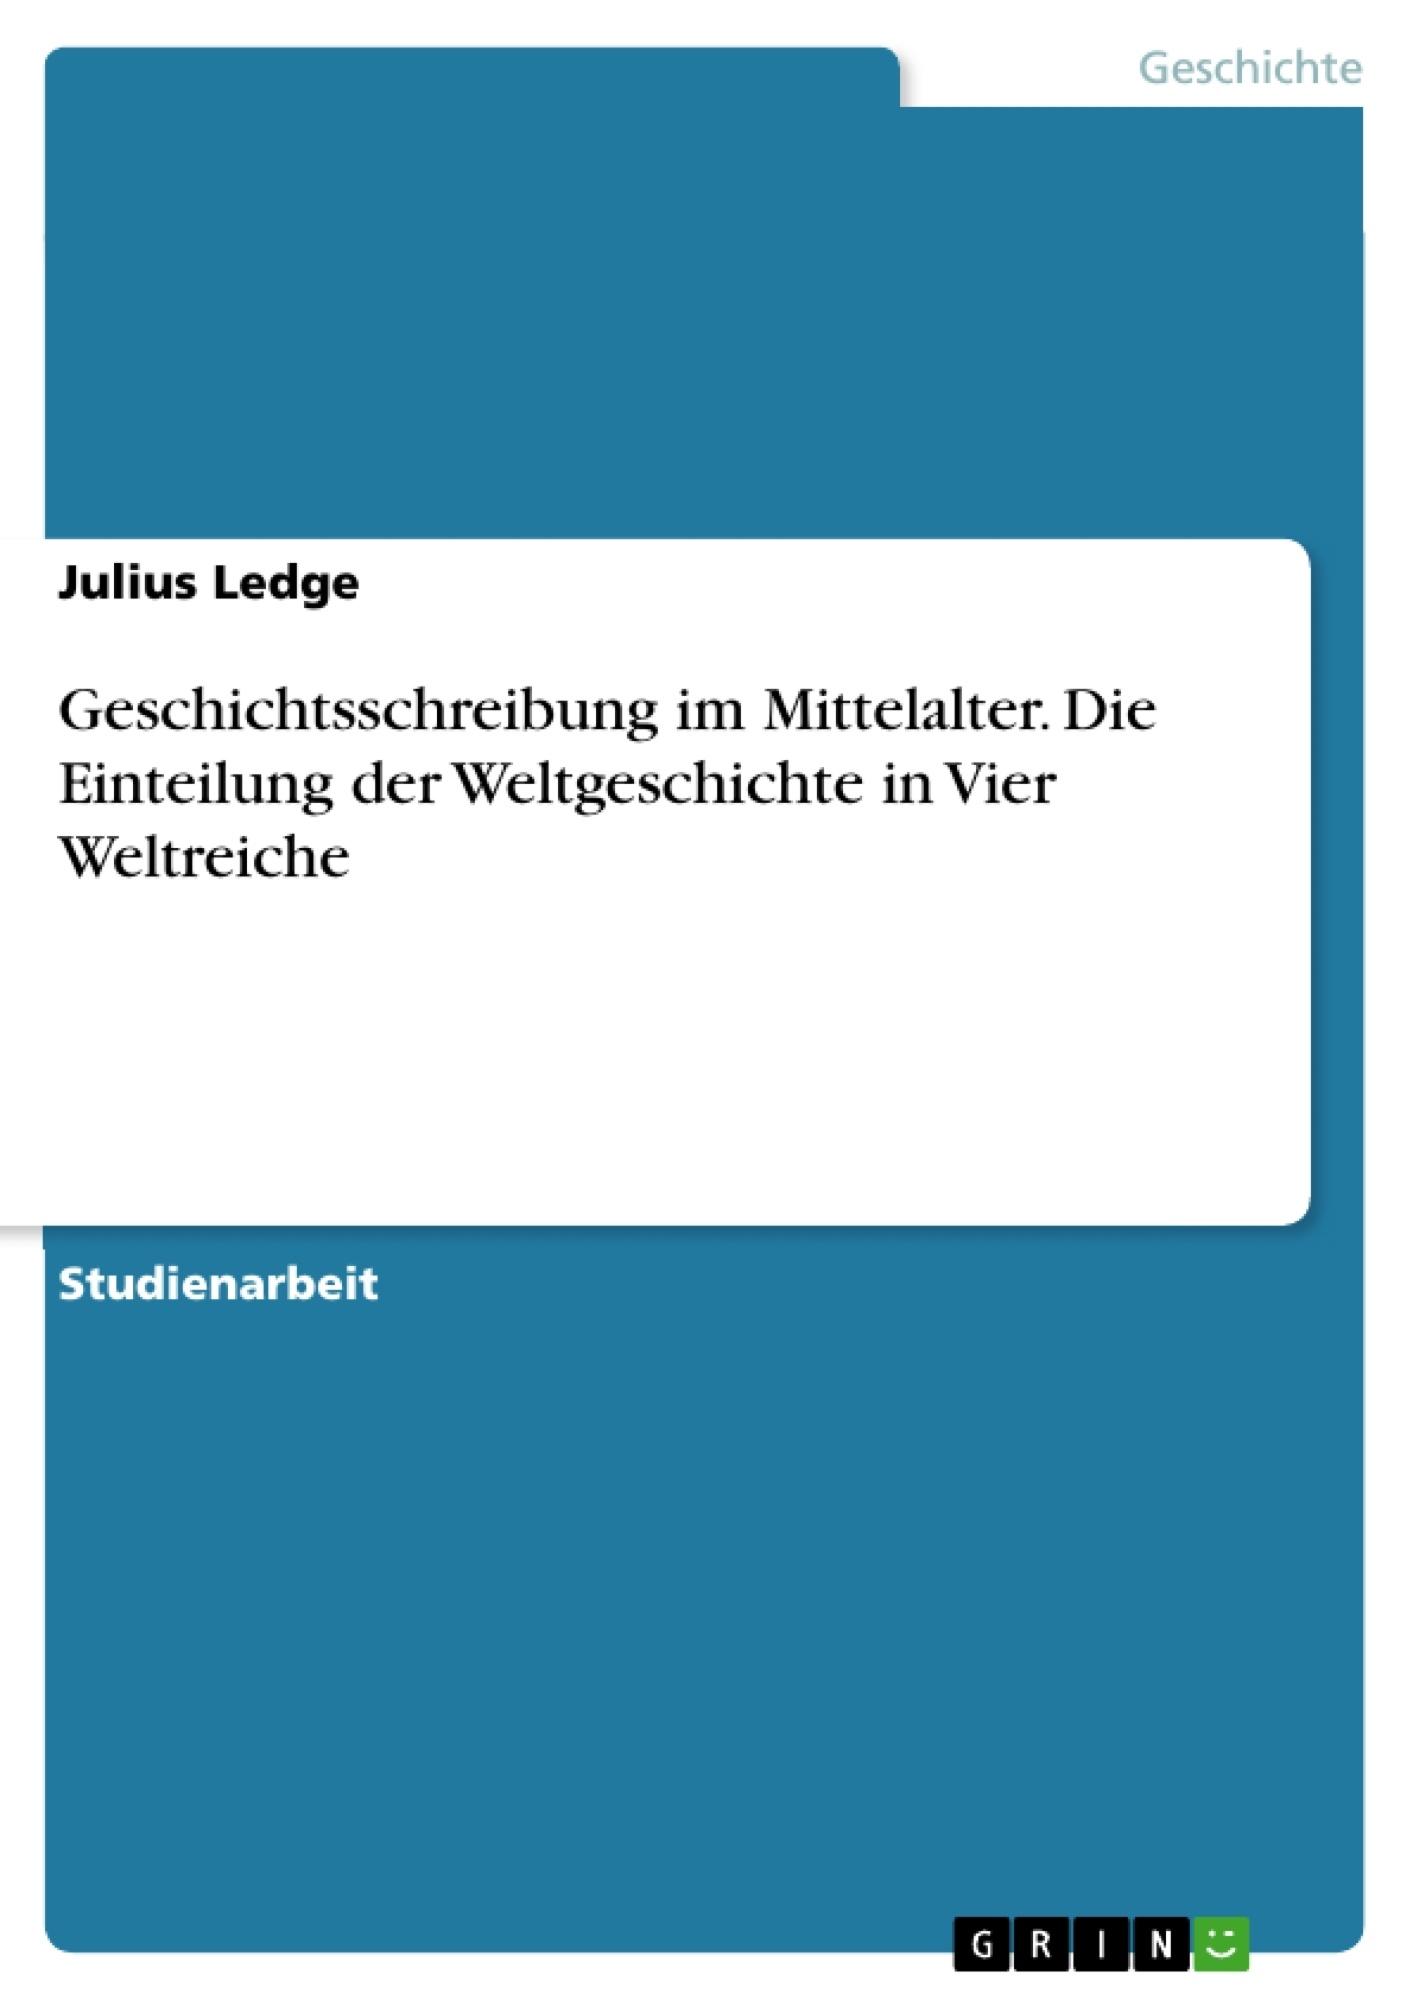 Titel: Geschichtsschreibung im Mittelalter. Die Einteilung der Weltgeschichte in Vier Weltreiche